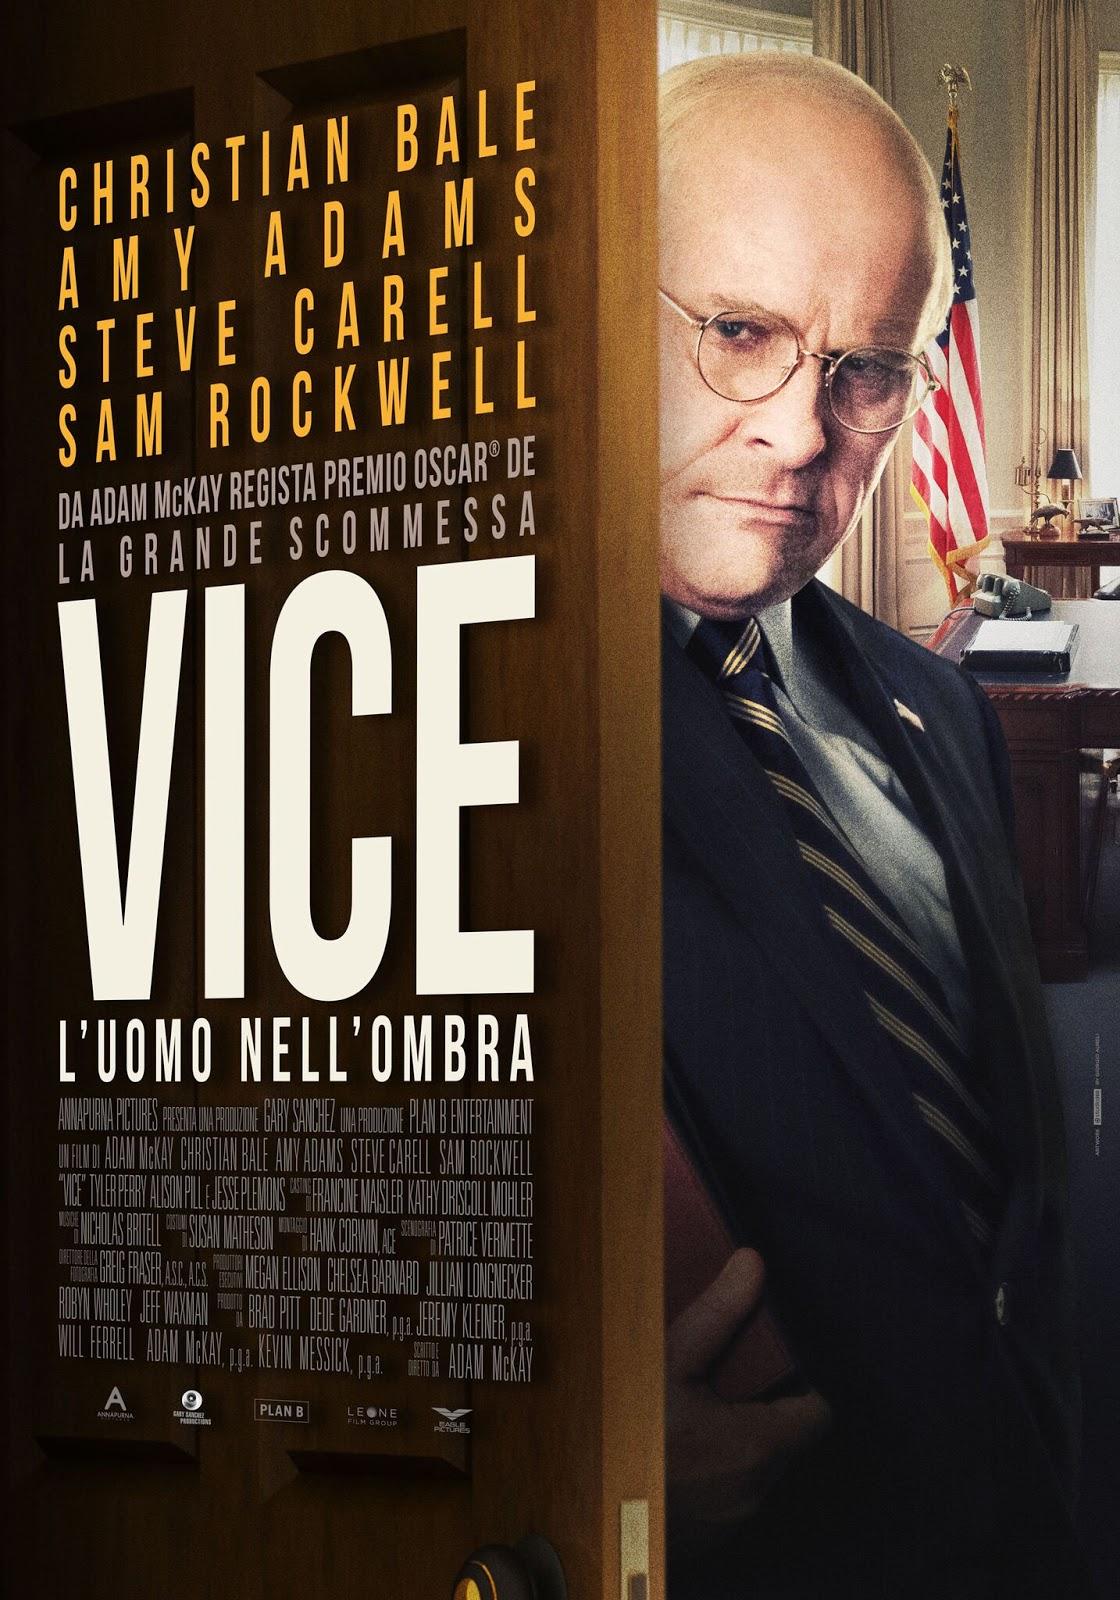 Vice: L'Uomo Nell'Ombra - Trailer Ufficiale Italiano